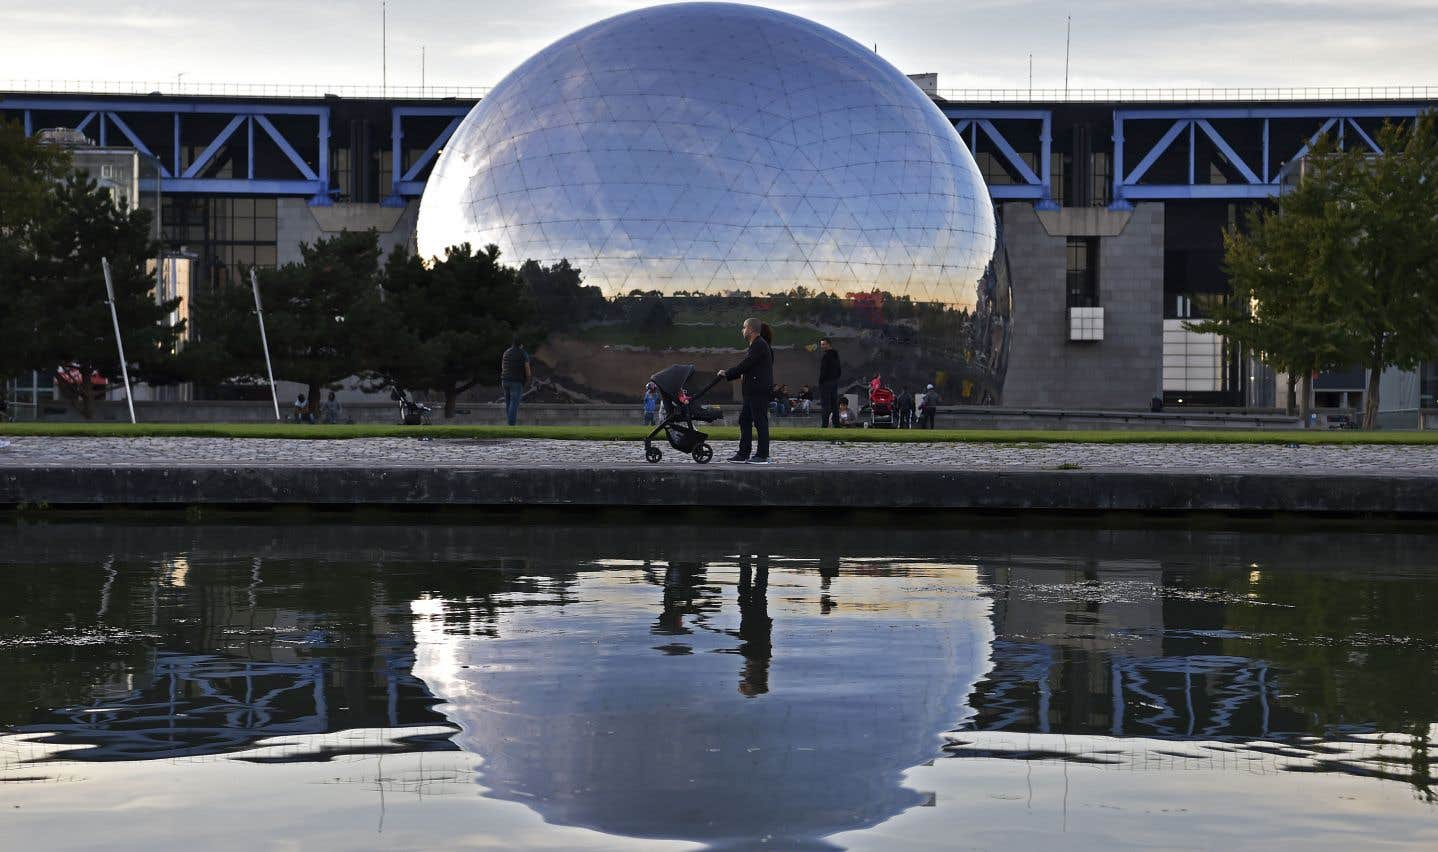 Le parc de la Villette de Paris, qui rassemble entre autres un musée des sciences, sera illuminé aux couleurs du Québec.